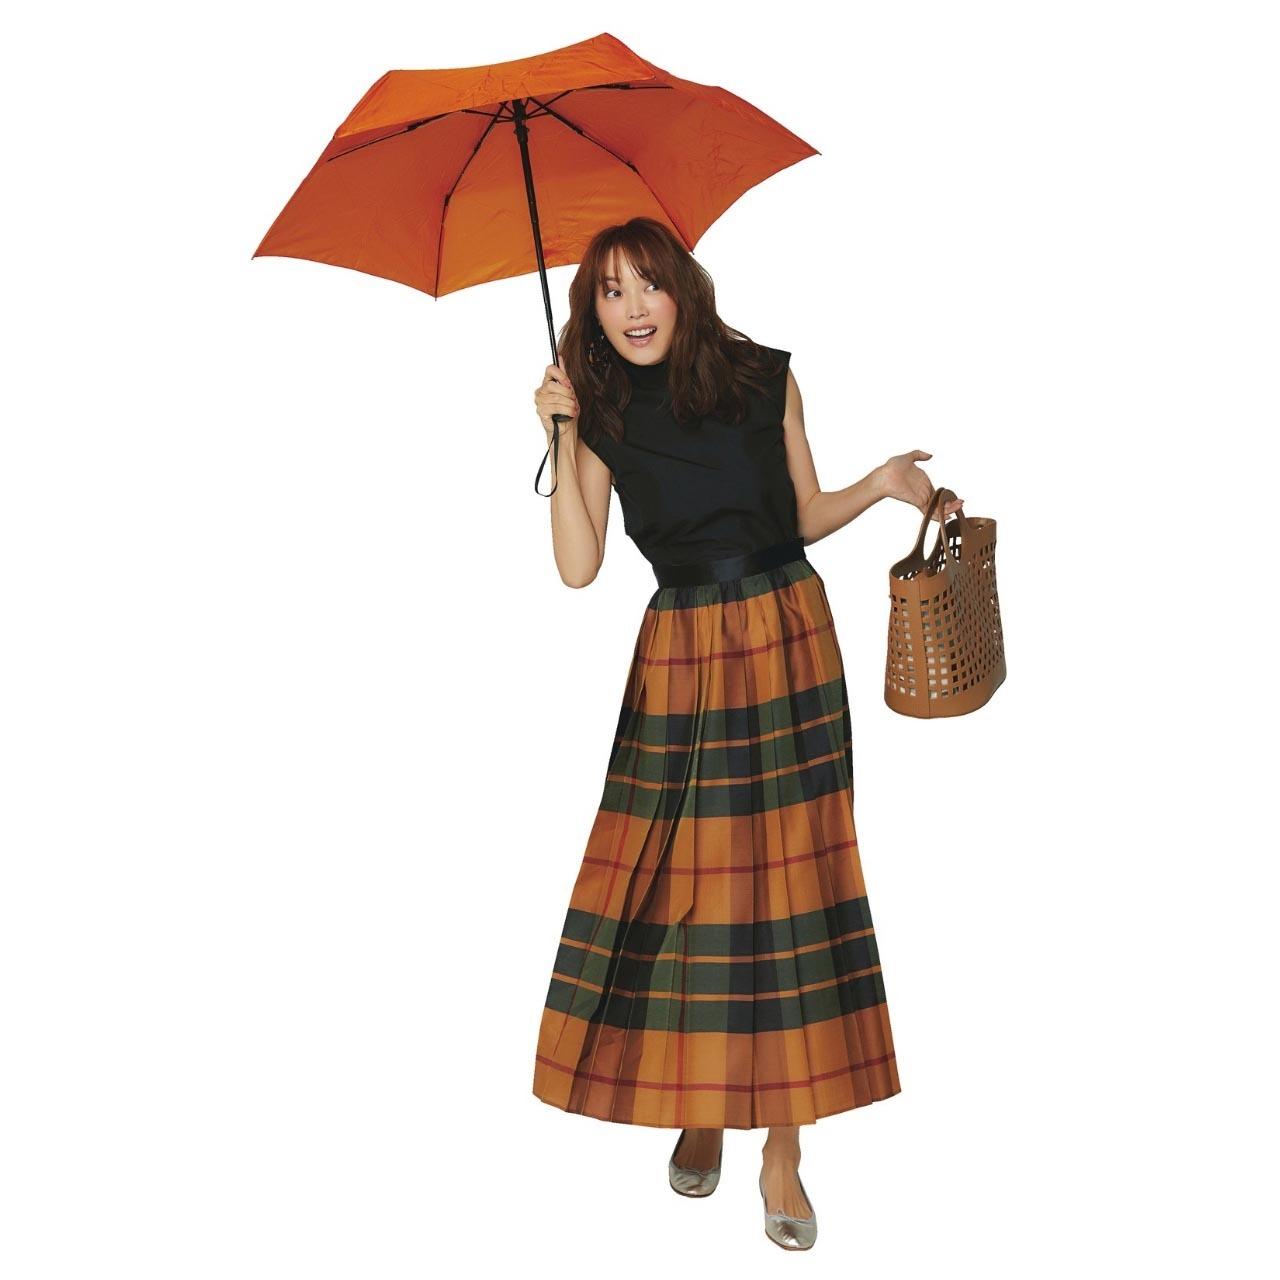 ブラウス×チェック柄スカートの雨の日コーデ